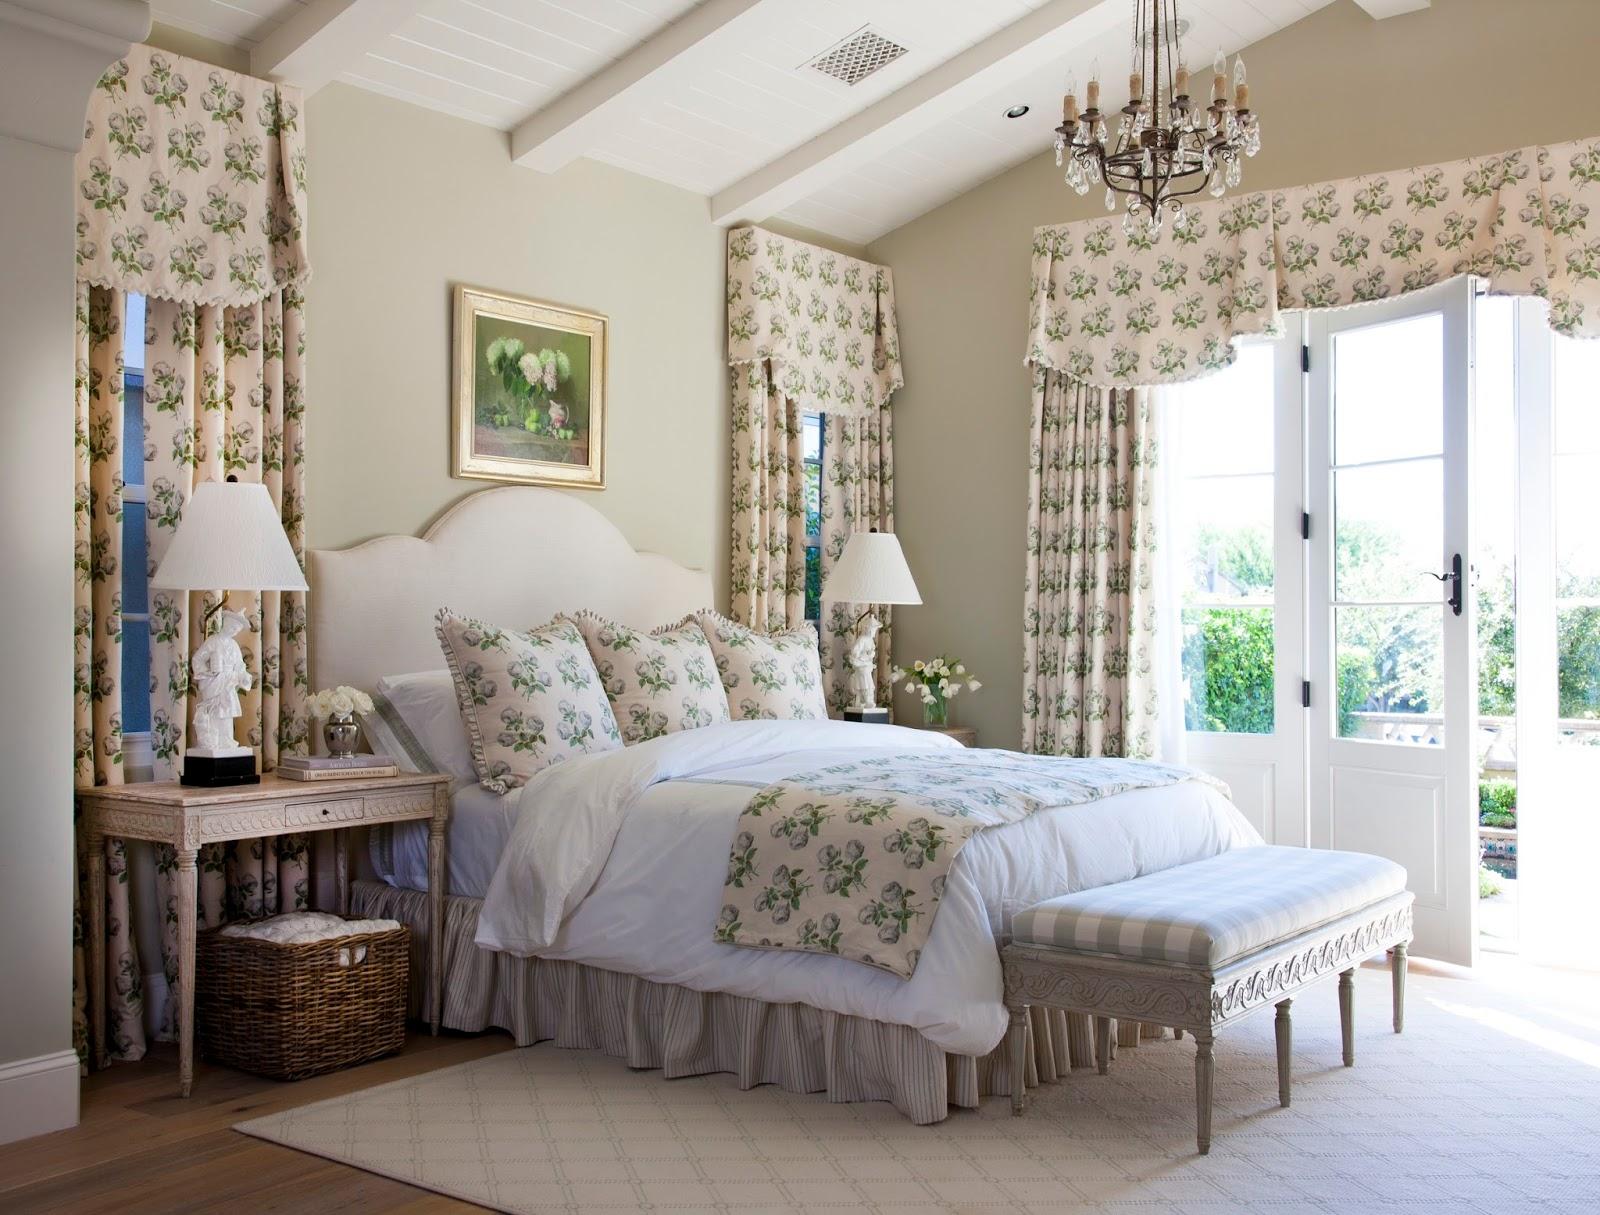 muebles de dormitorio 12 dormitorios llenos de romanticismo On muebles de dormitorio para adultos romanticos